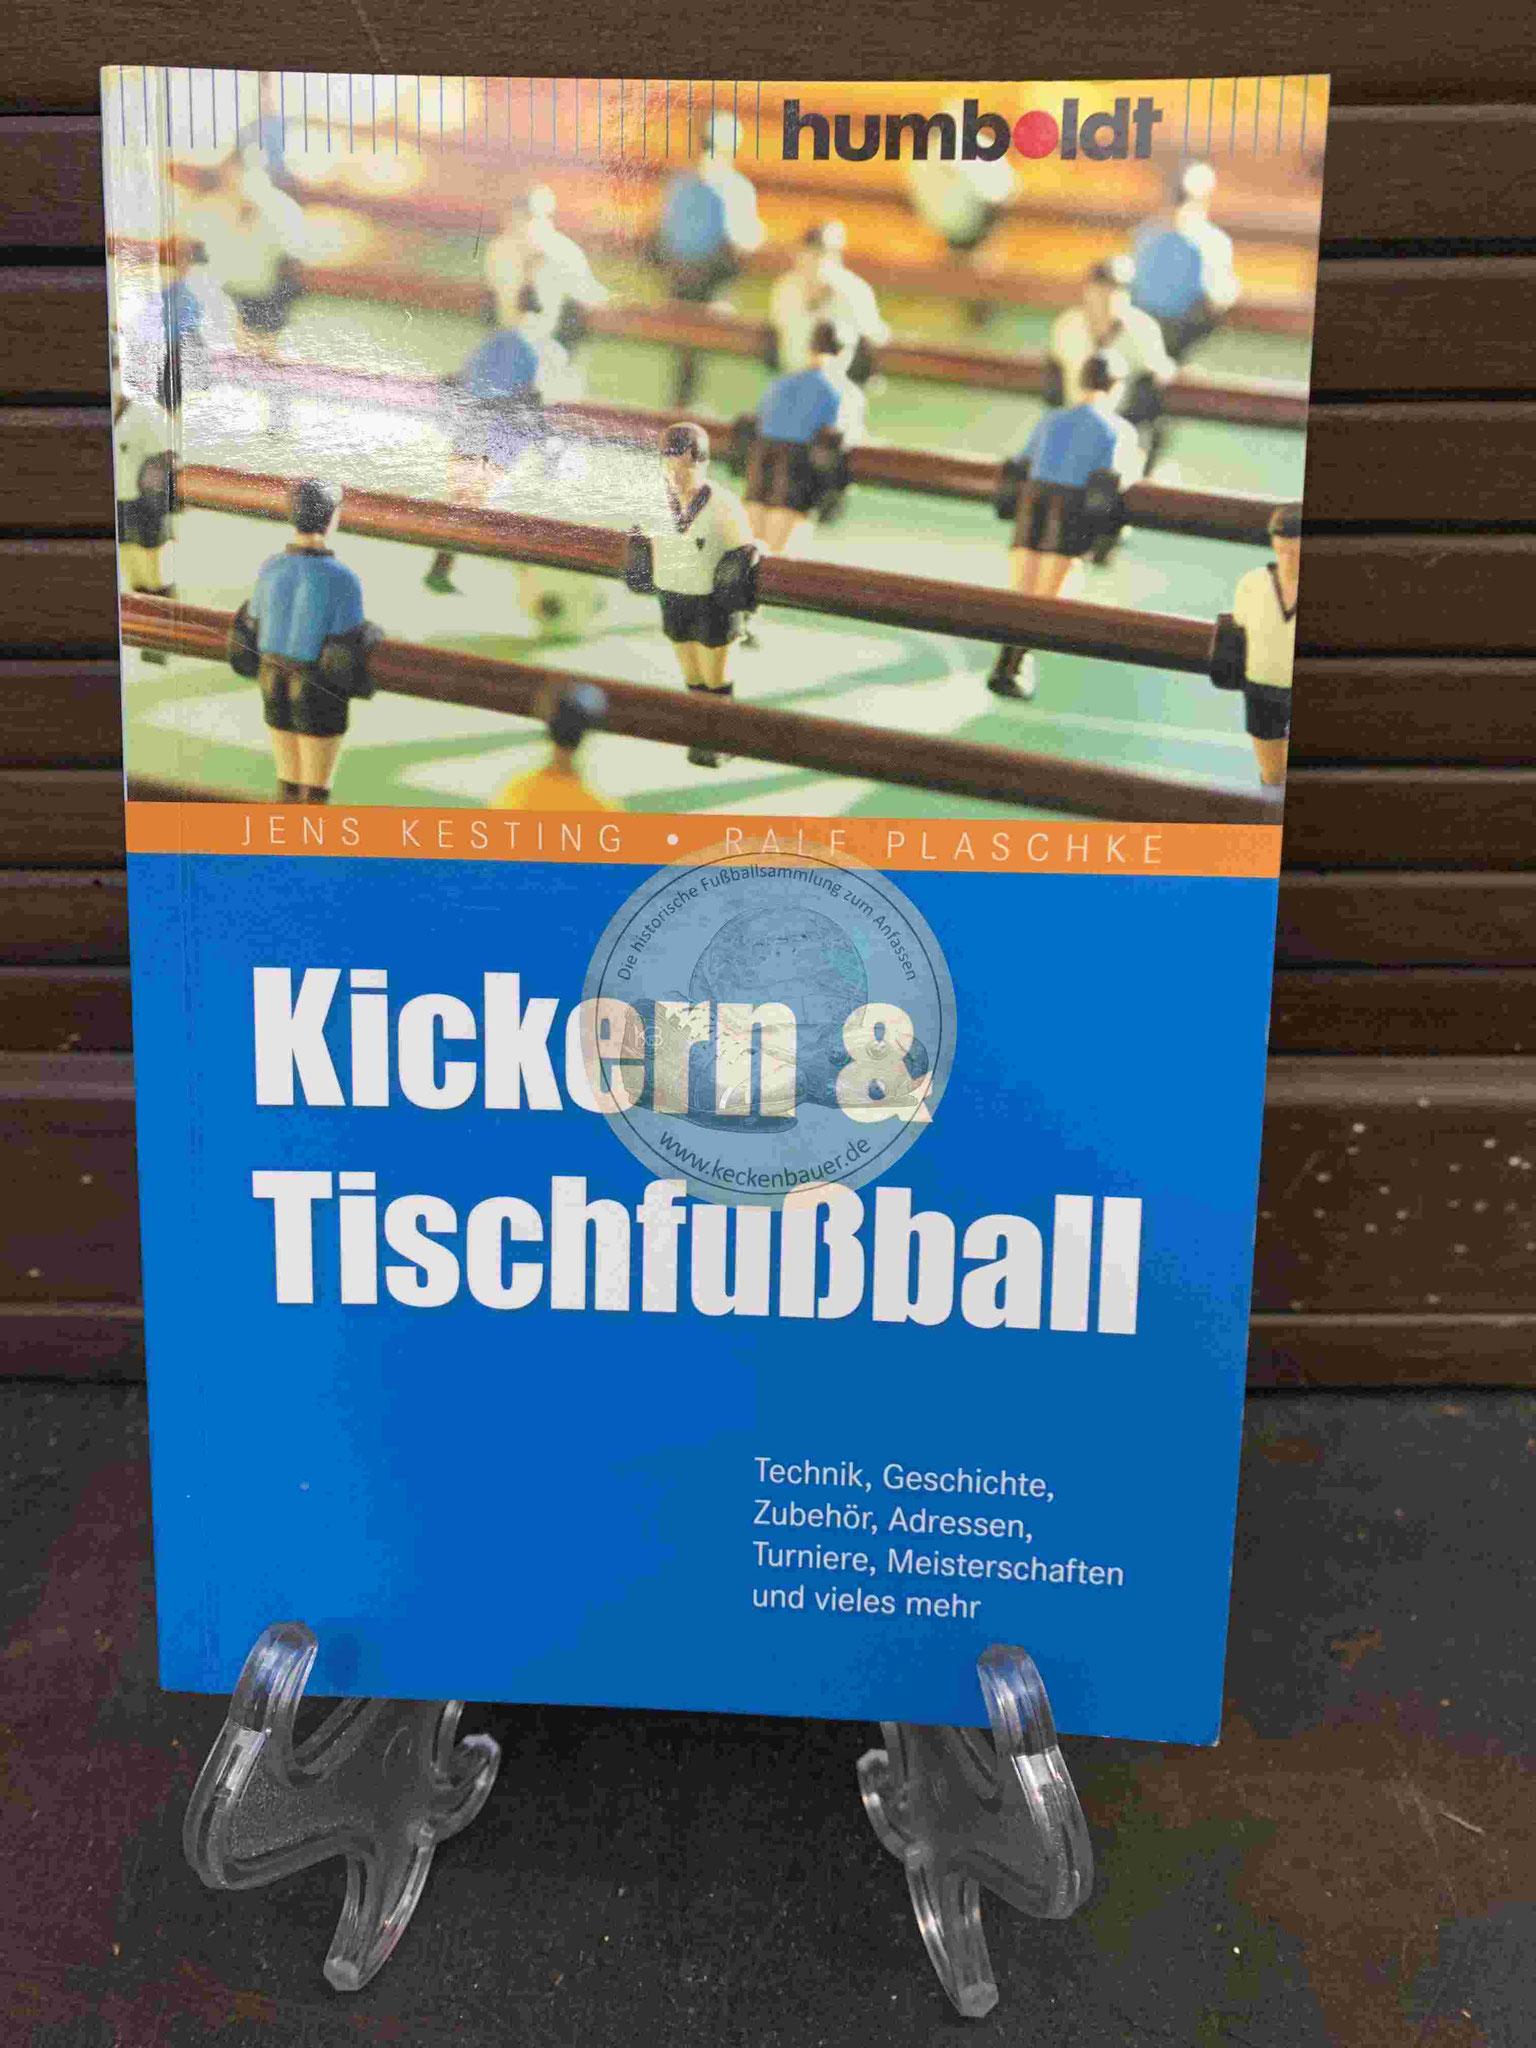 Kickern & Tischfußball aus dem Jahr 2009